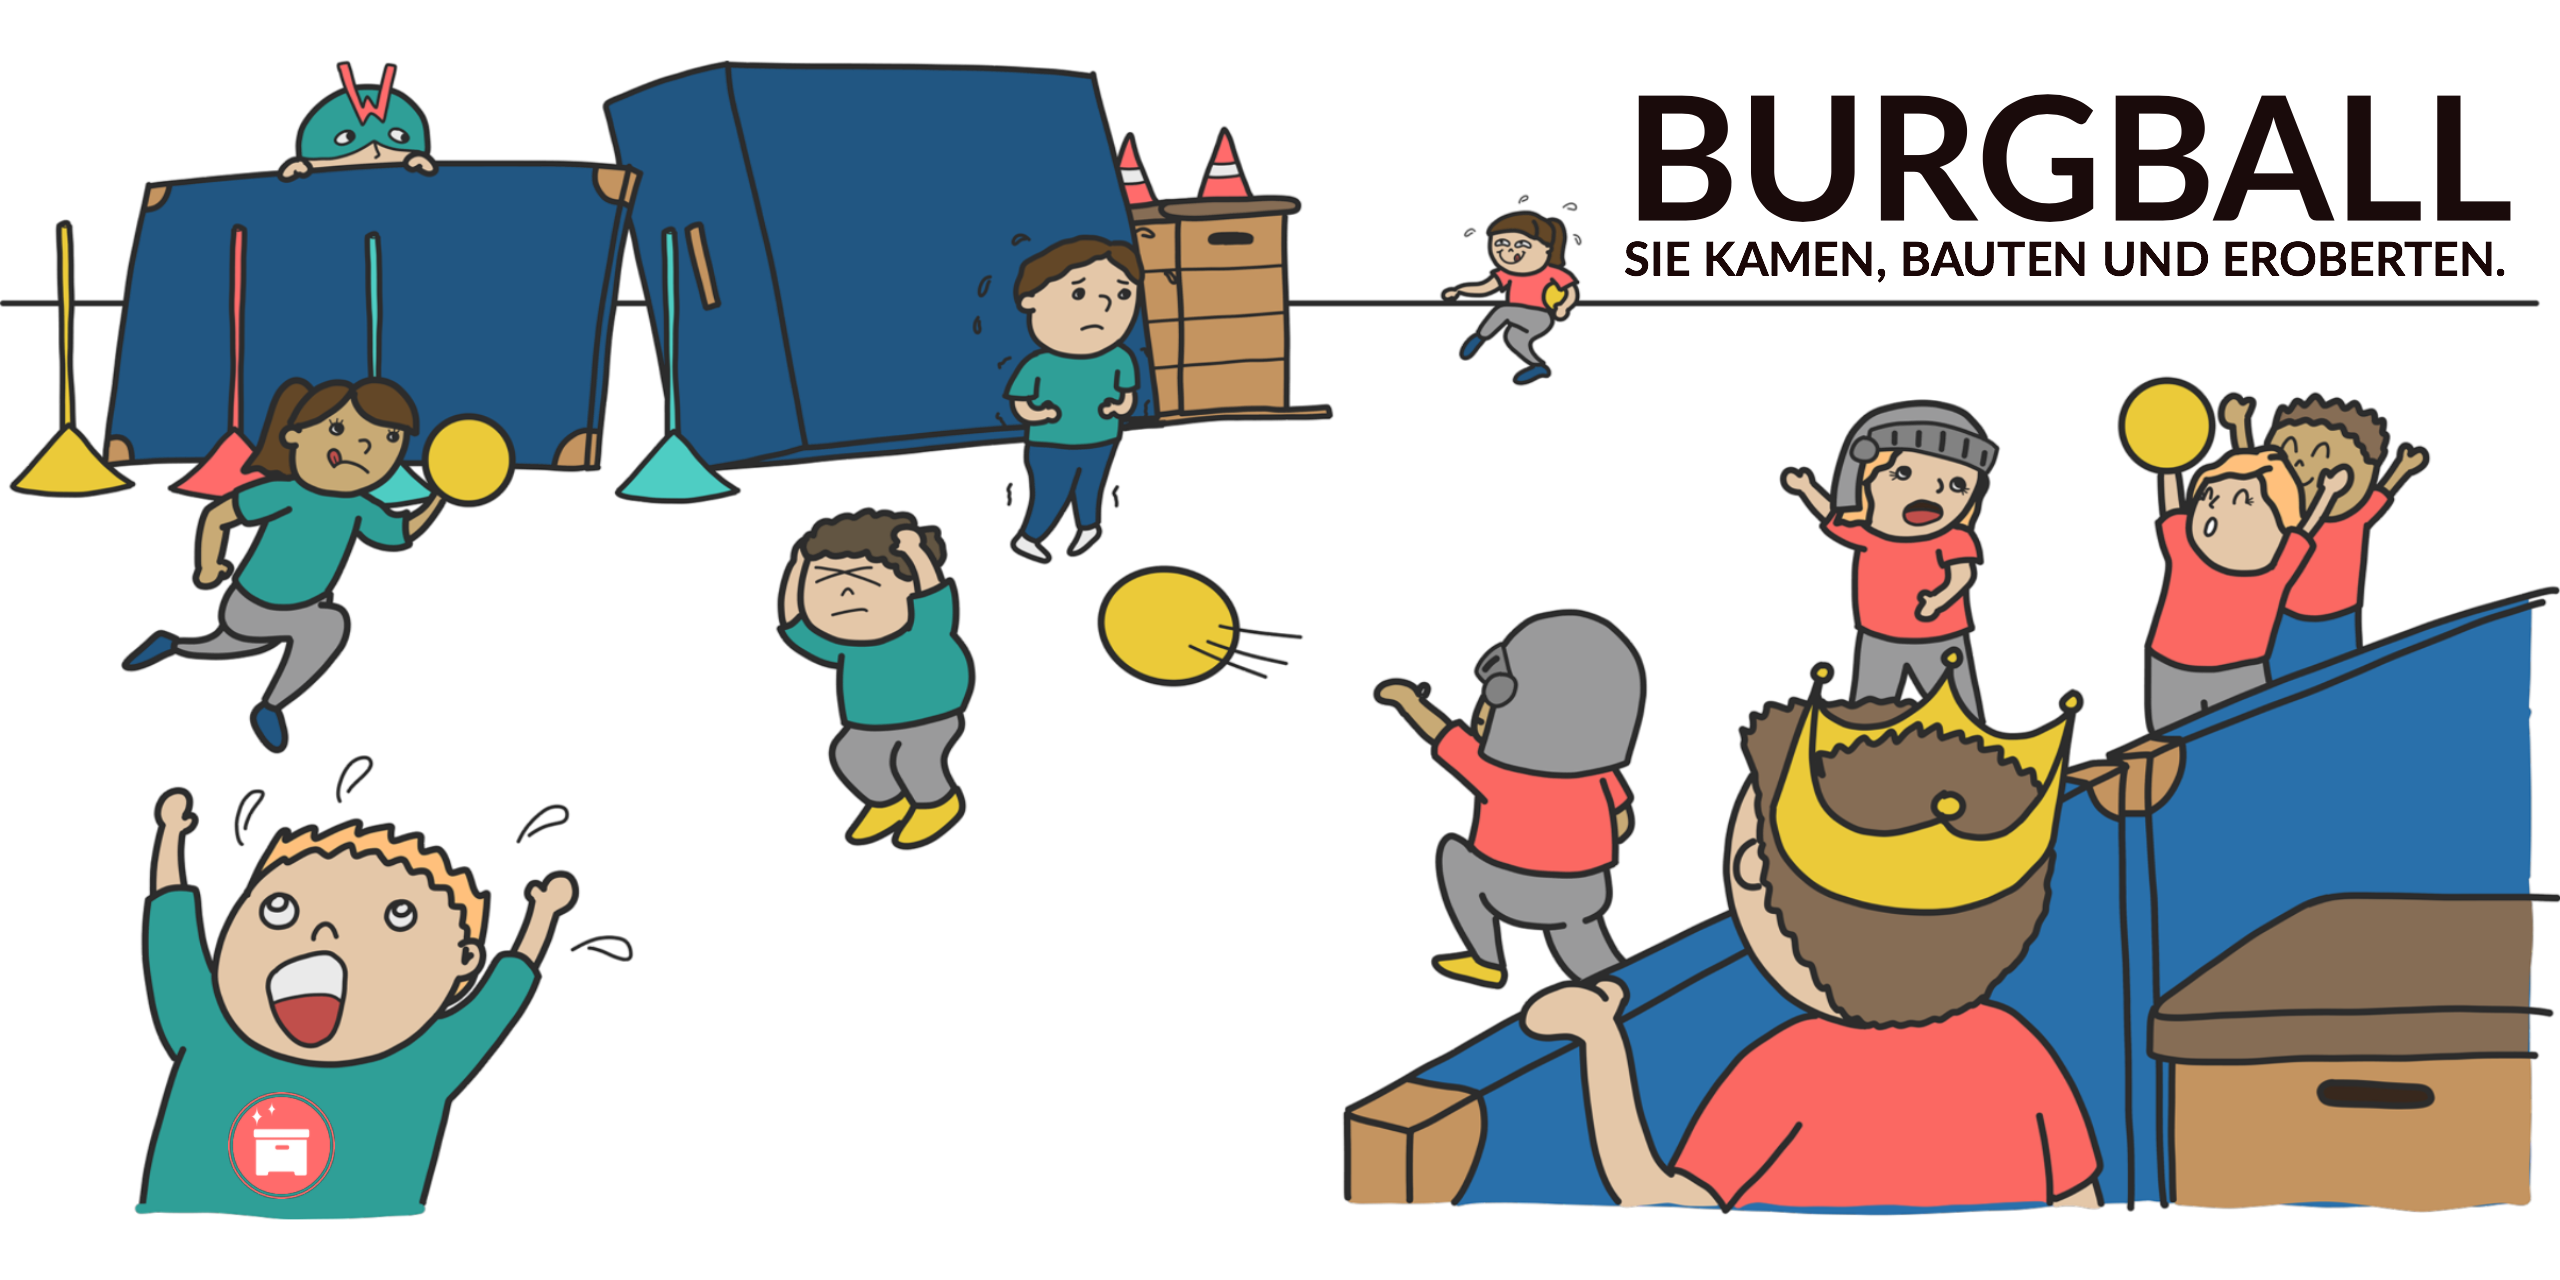 Burgball